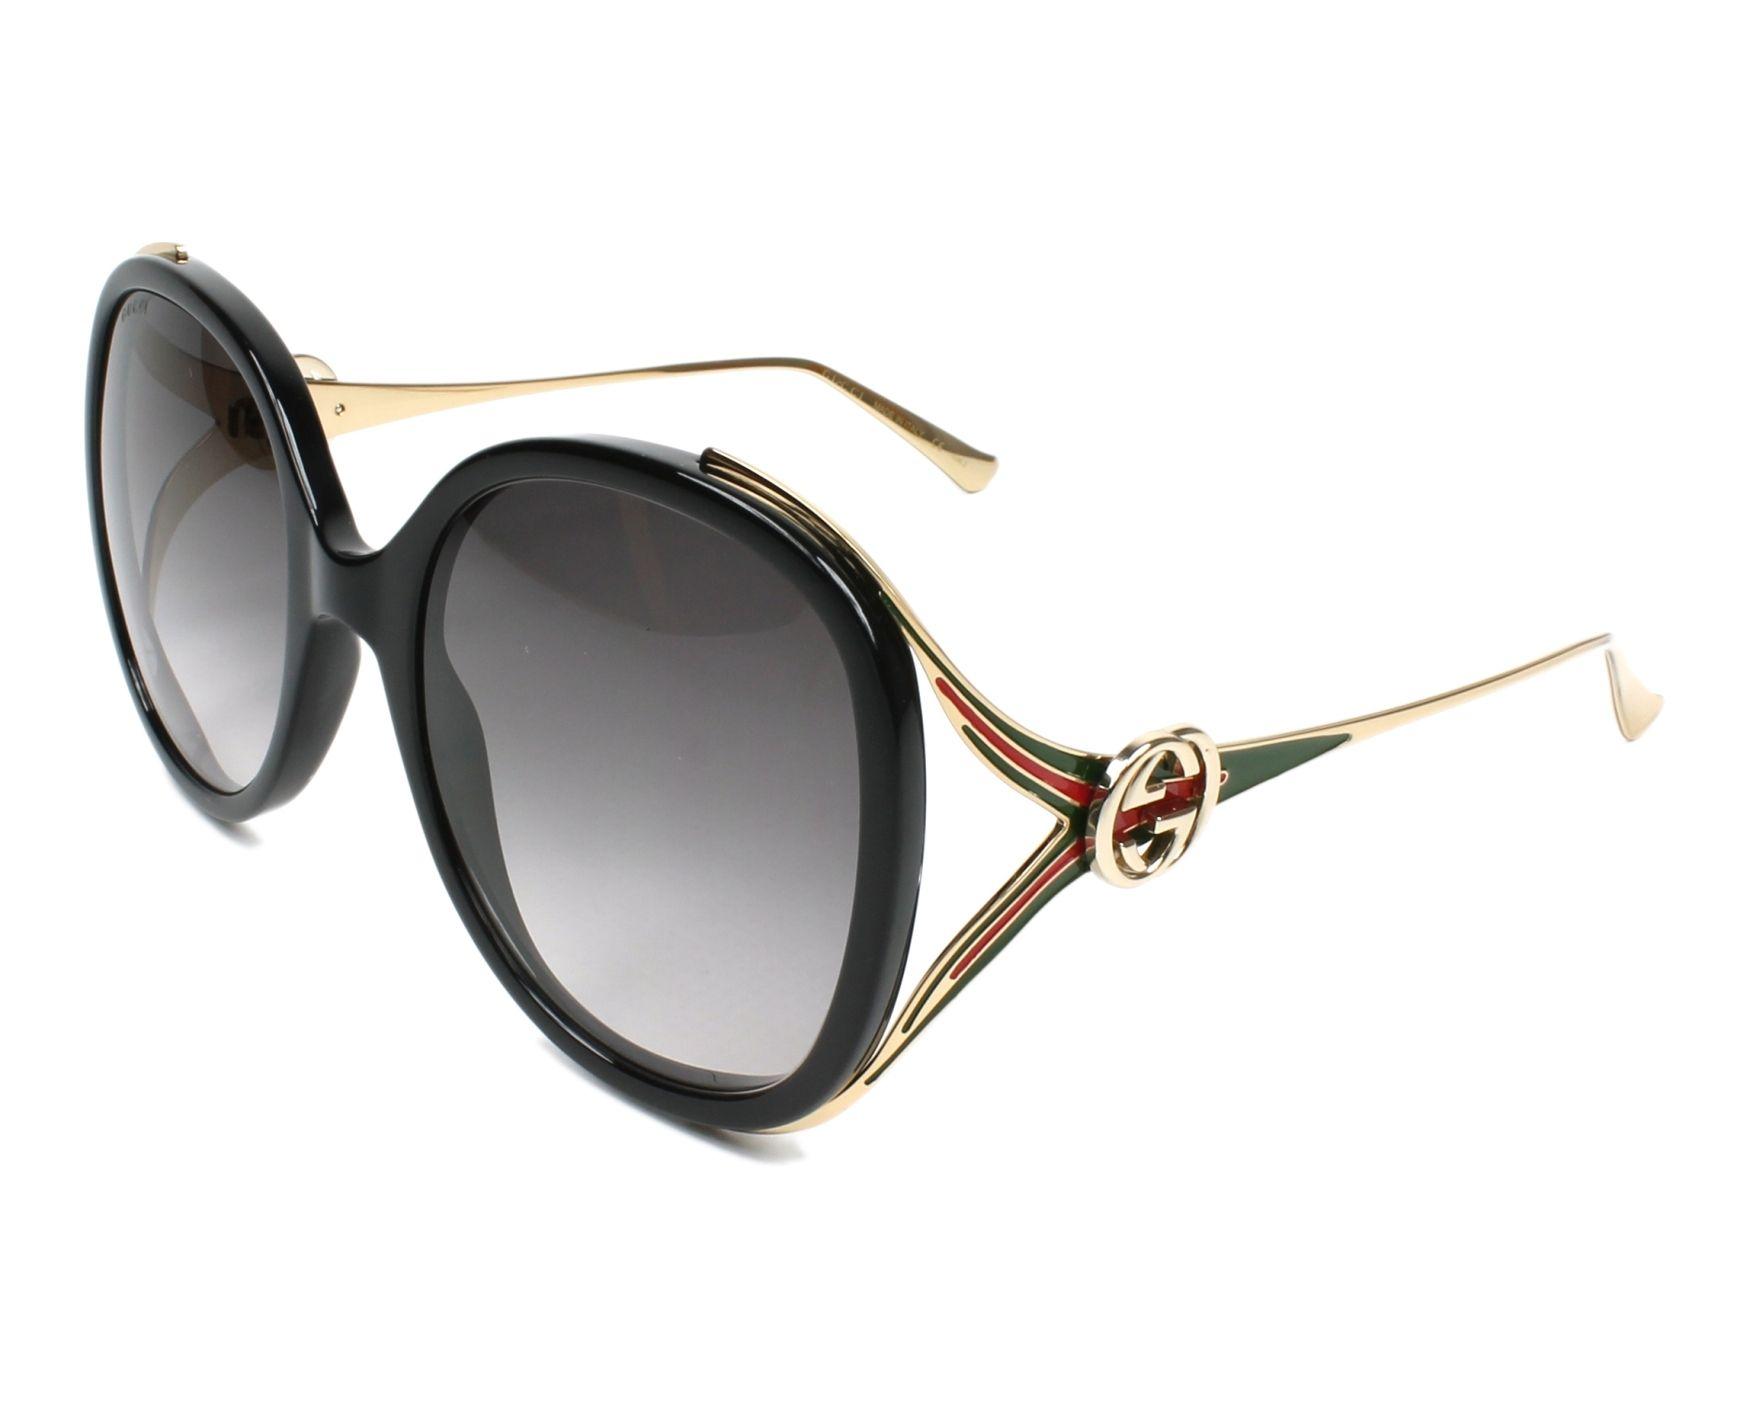 Lunettes de soleil Gucci GG-0226-S 001 56-22 Noir Or vue d1ed46458b27